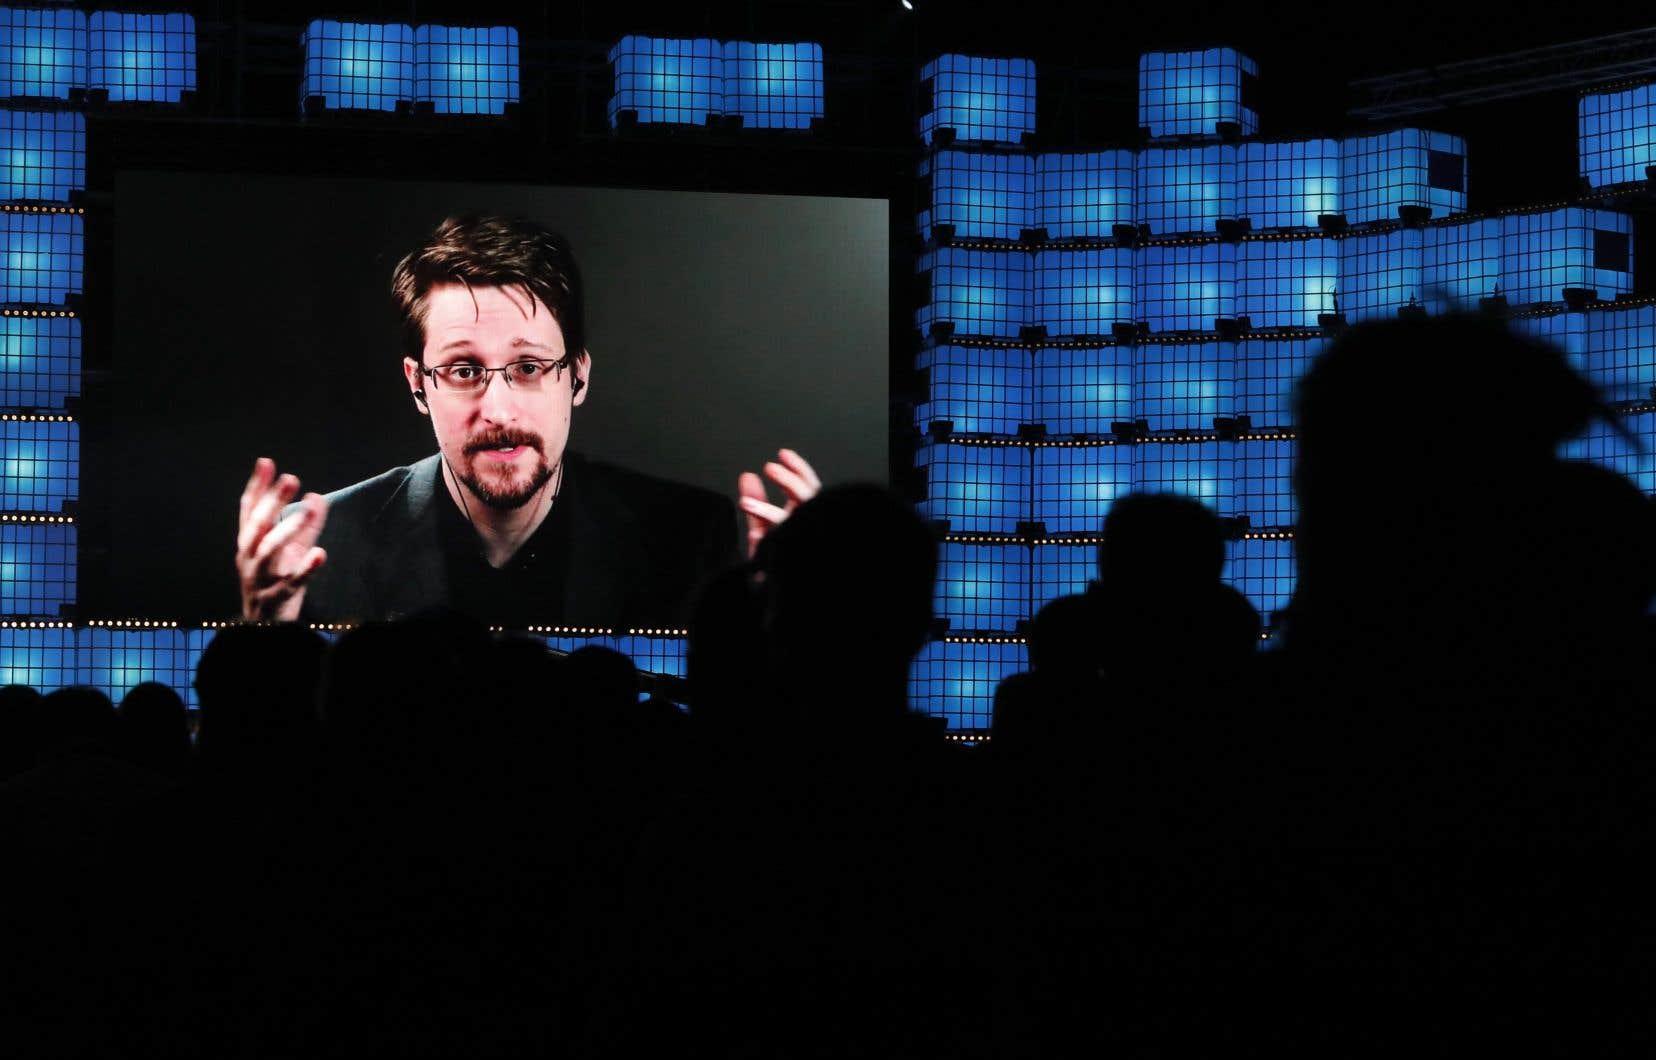 L'ex-agent de la National Security Agency, Edward Snowden, dont les révélations en 2013 sur l'utilisation des technologies dans la surveillance de masse ont porté au grand jour les dérives liberticides liées au numérique, vit actuellement en exil en Russie.